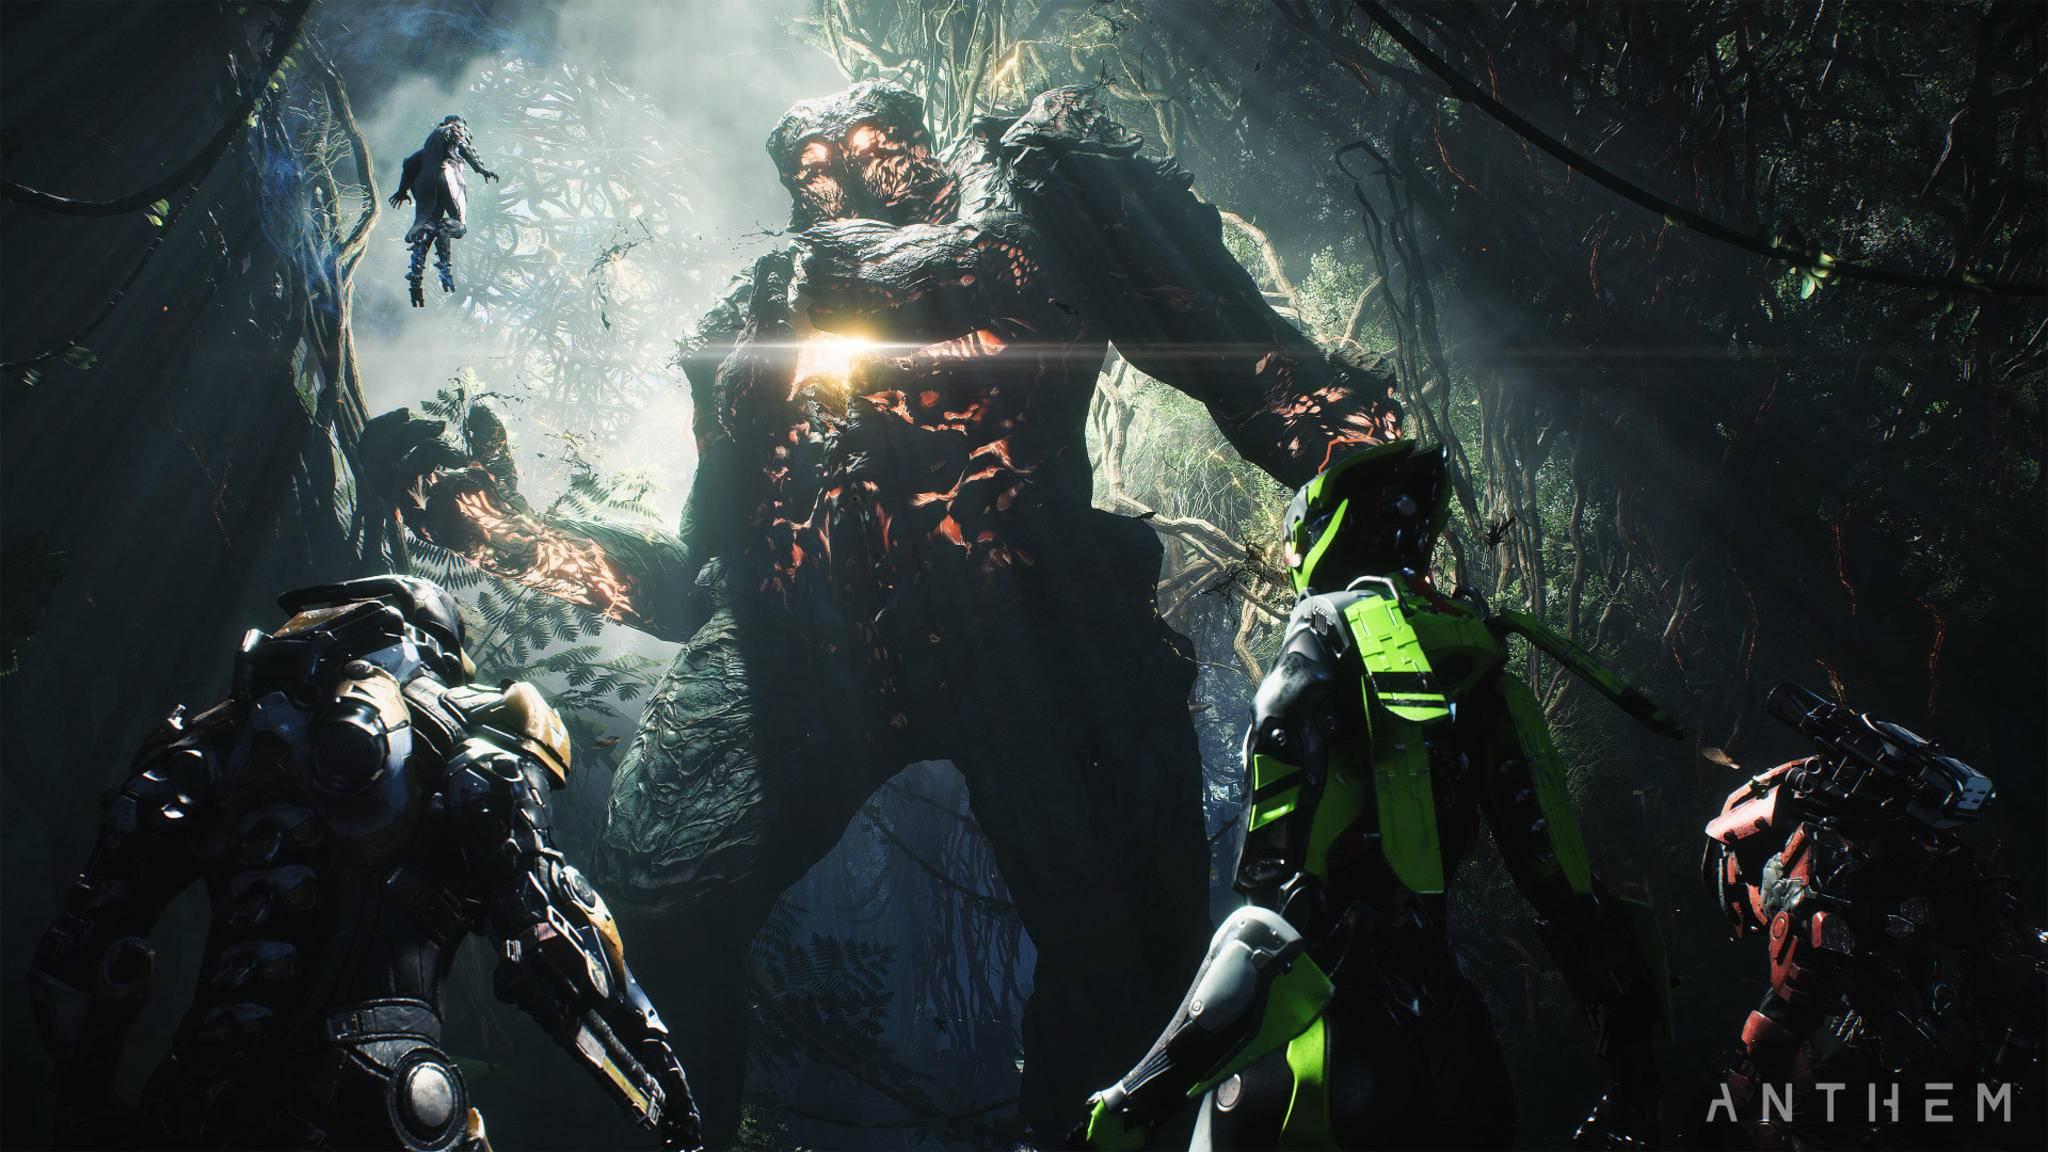 """EA legte mit """"Anthem"""" keinen guten Start hin. BioWare will das Open-World-Game nun nachträglich mit neuem Content Stück für Stück verbessern."""